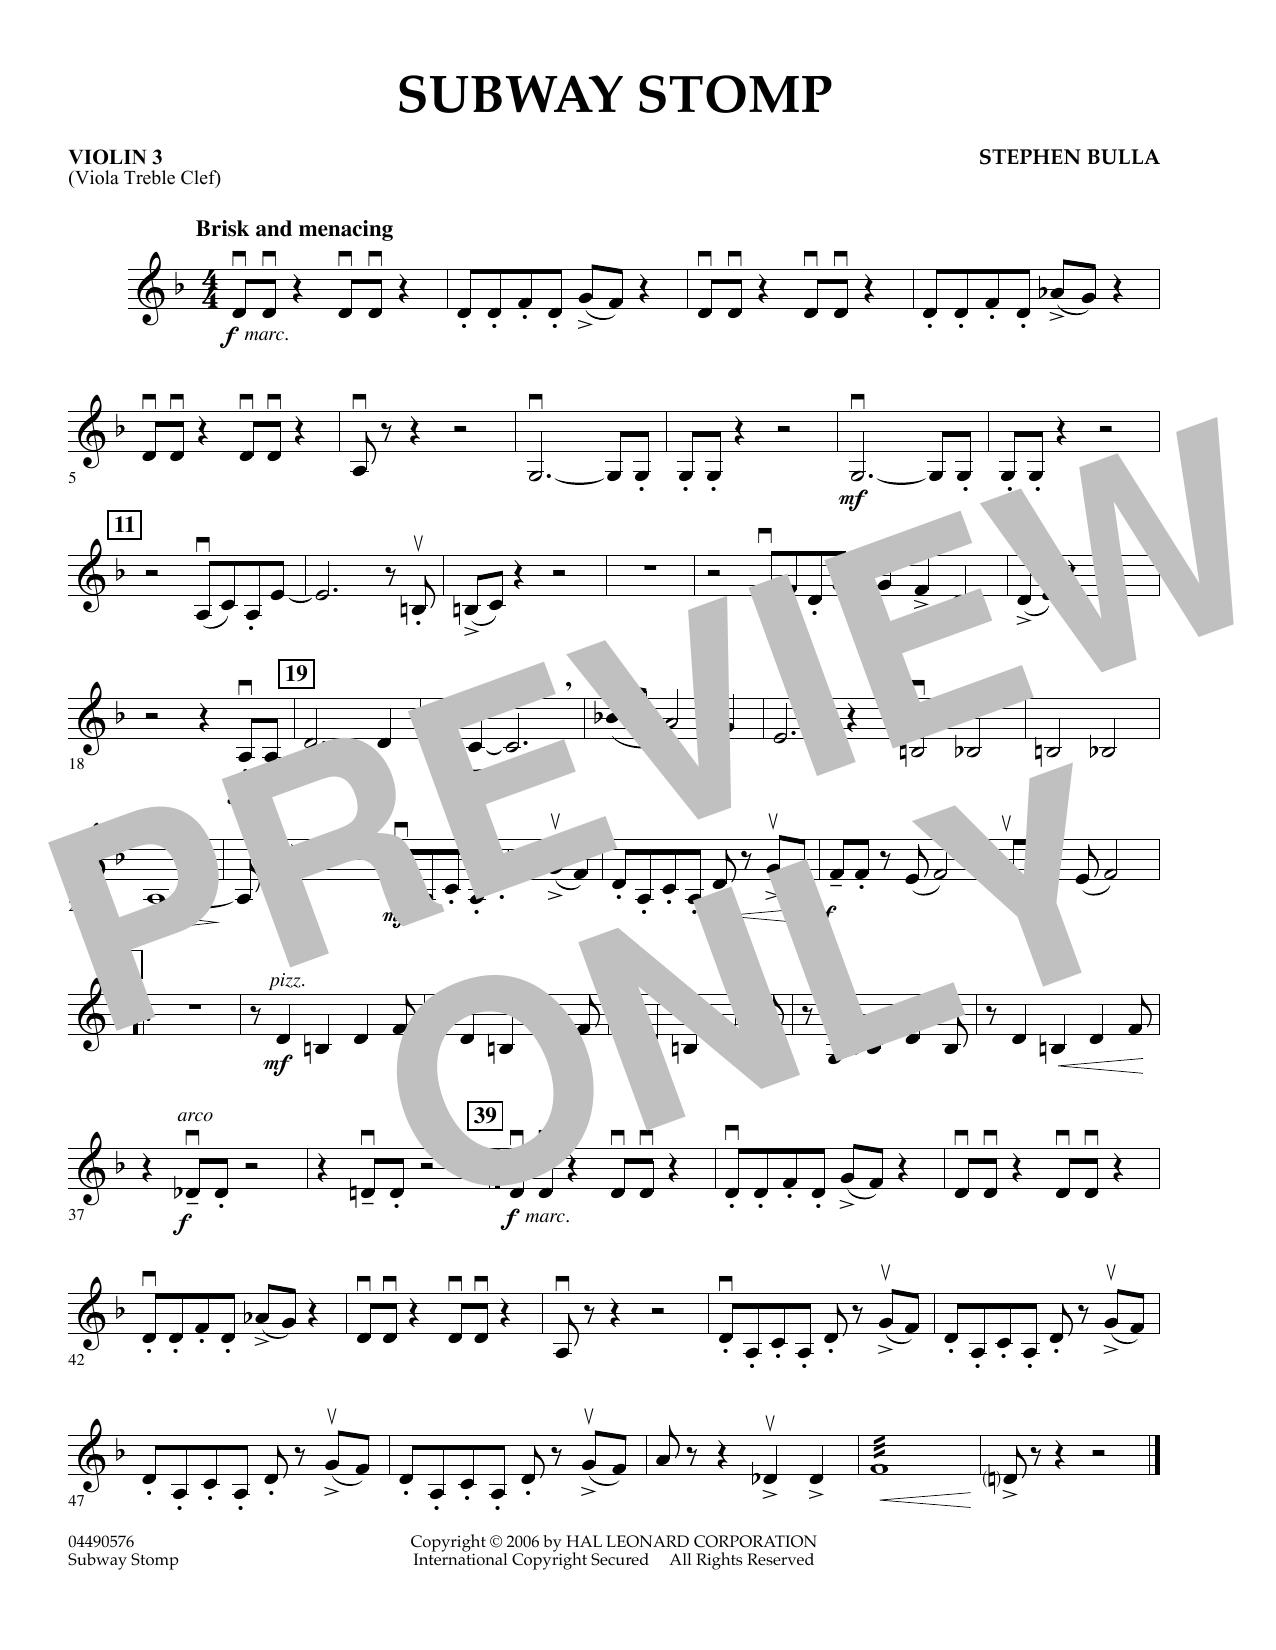 Subway Stomp - Violin 3 (Viola Treble Clef) (Orchestra)